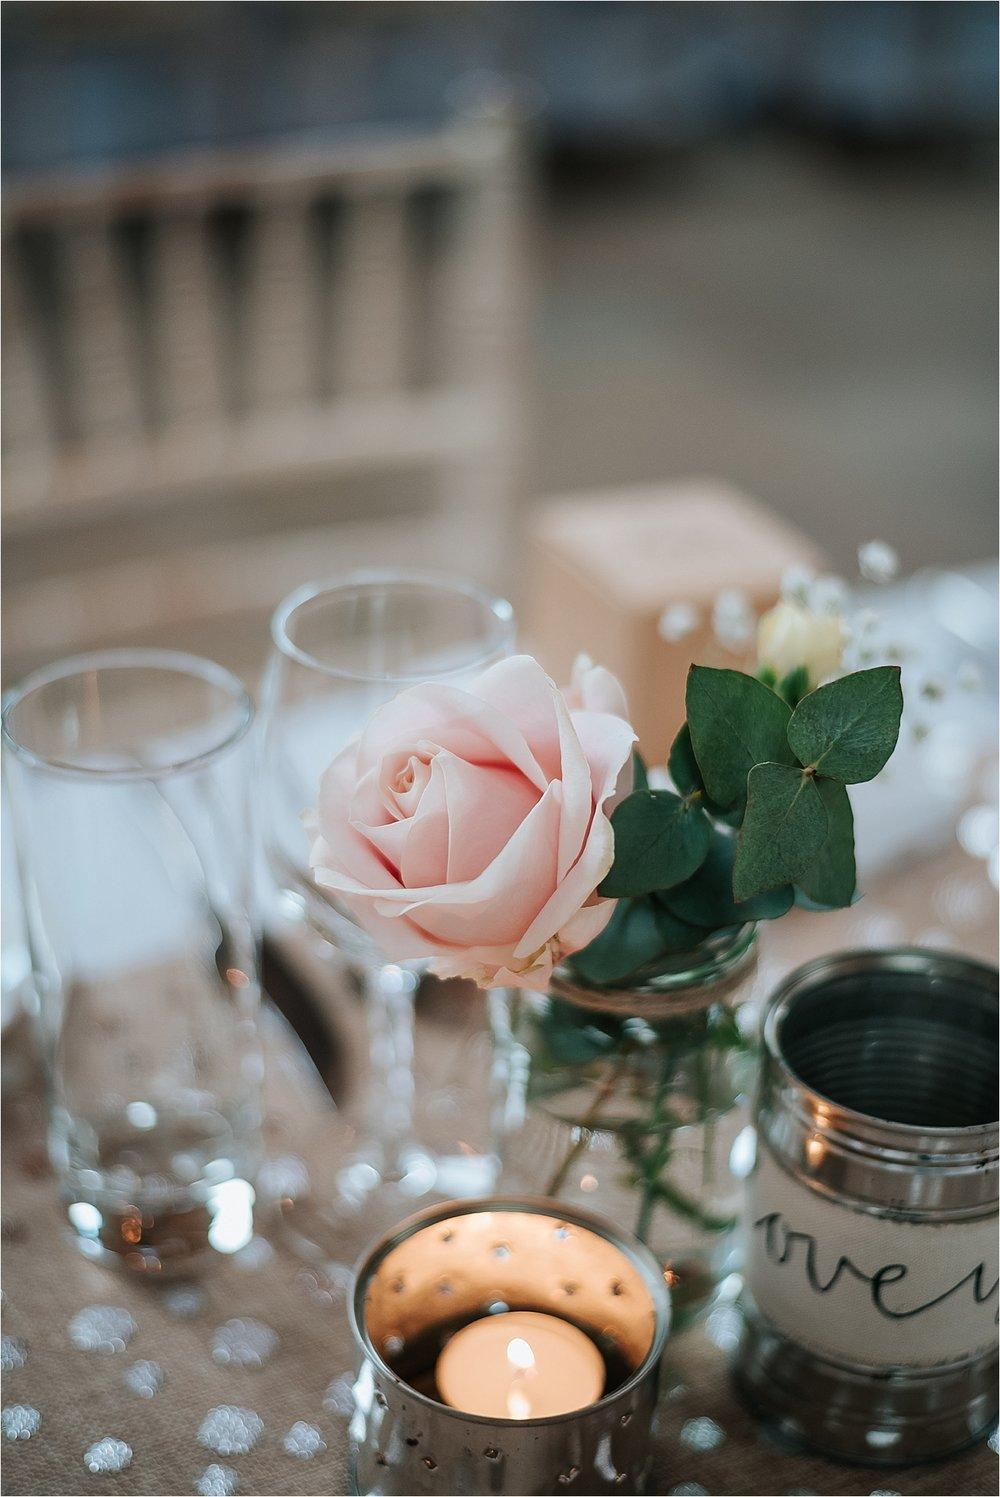 blush pink rose at vintage wedding